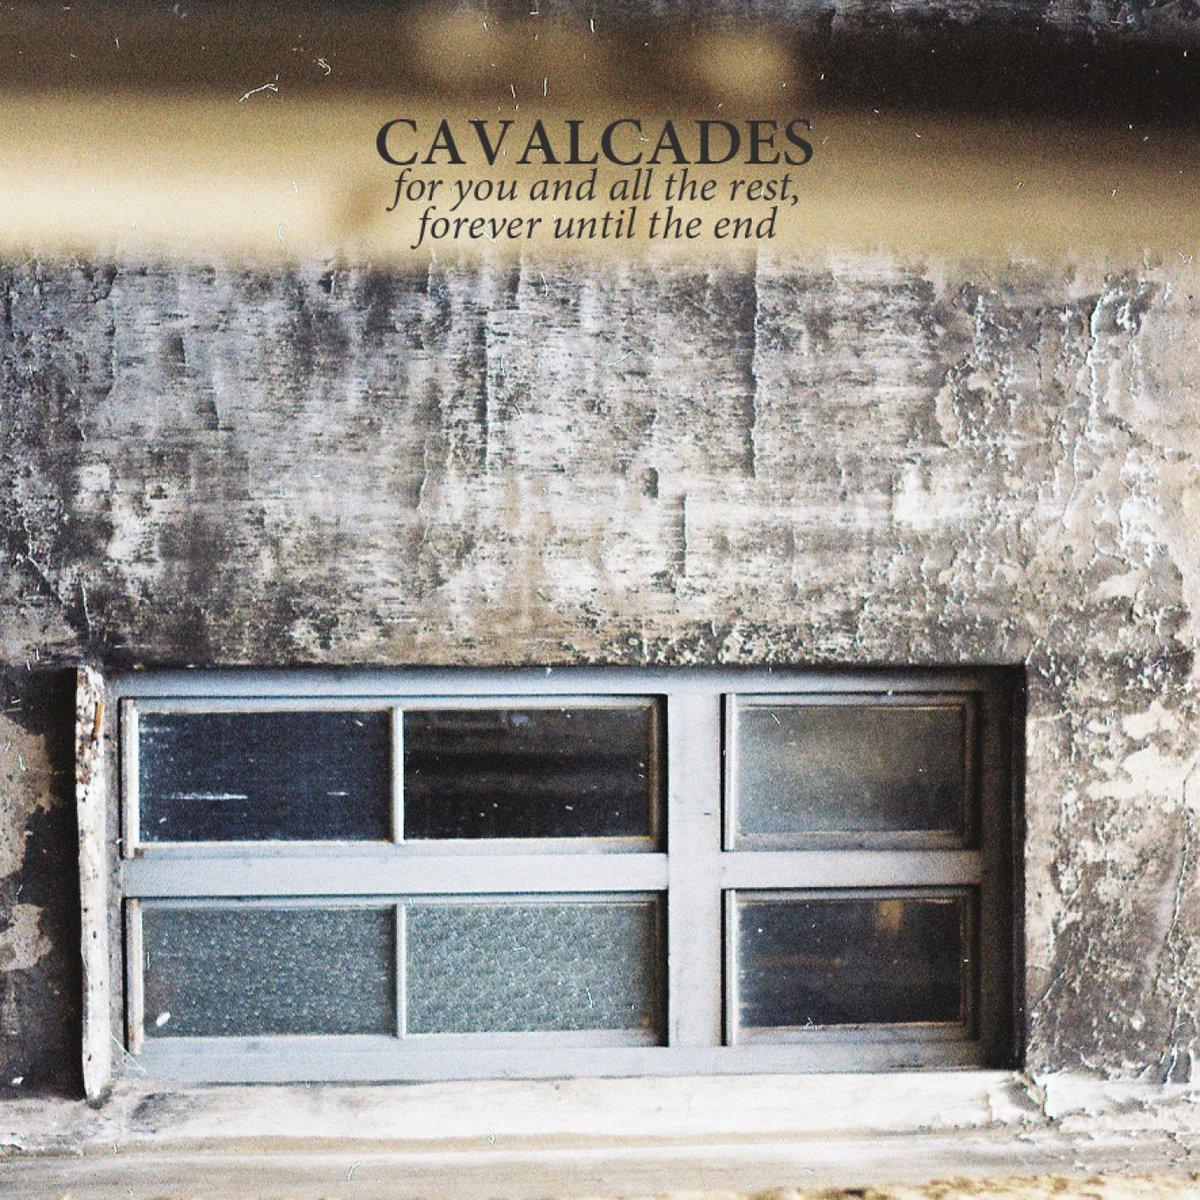 Maps (Yeah Yeah Yeahs)   Cavalcades on ohh yeah, uh yeah, yeah well, yeah clip art, yeah thank you, yeah you know, yeah album cover, yeah it was, aw yeah, yeah boy, karen o yeah, yeah buddy, yeah band, yeah i know, yeah huh, ludacris yeah,